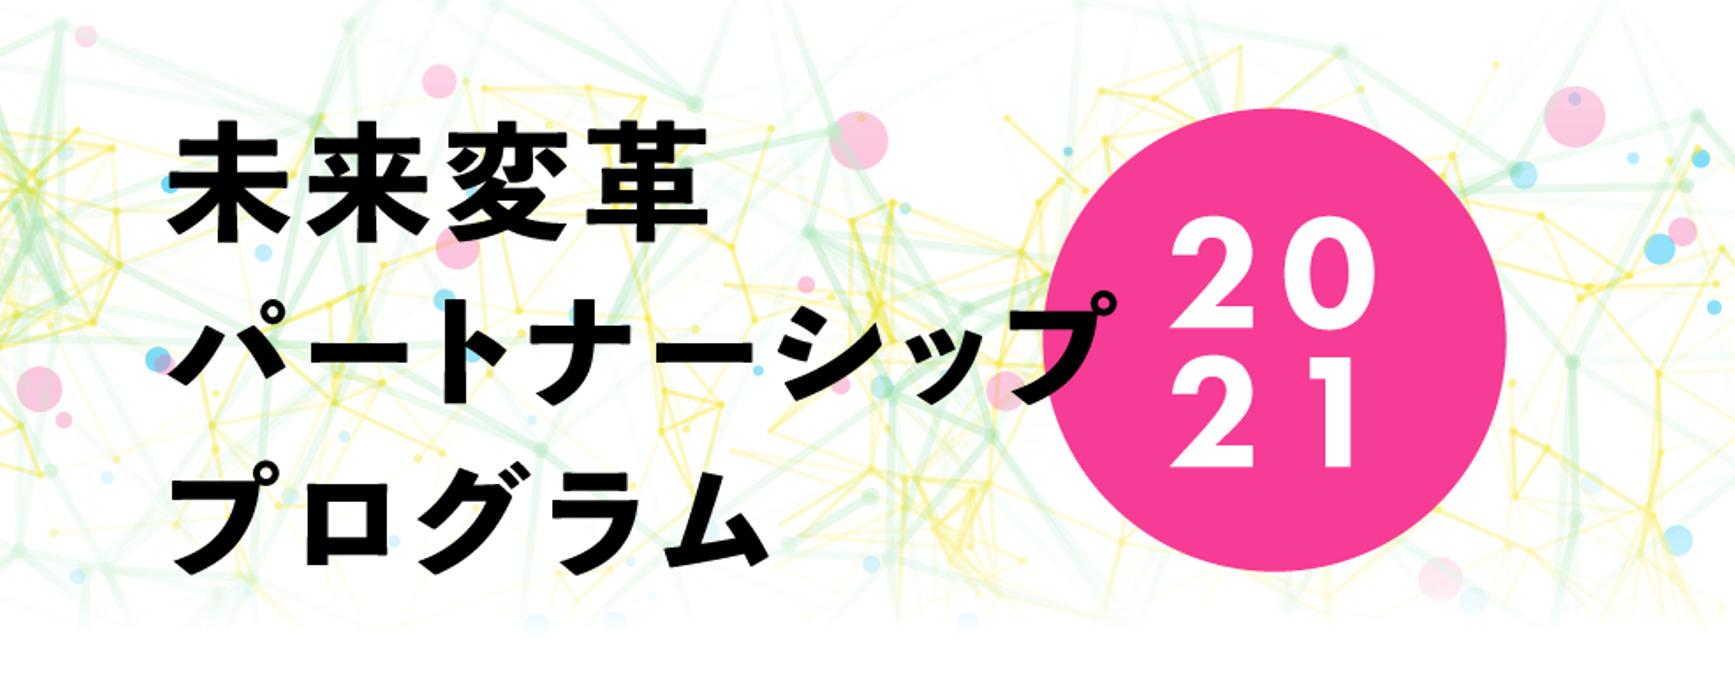 「未来変革パートナーシッププログラム」始動!